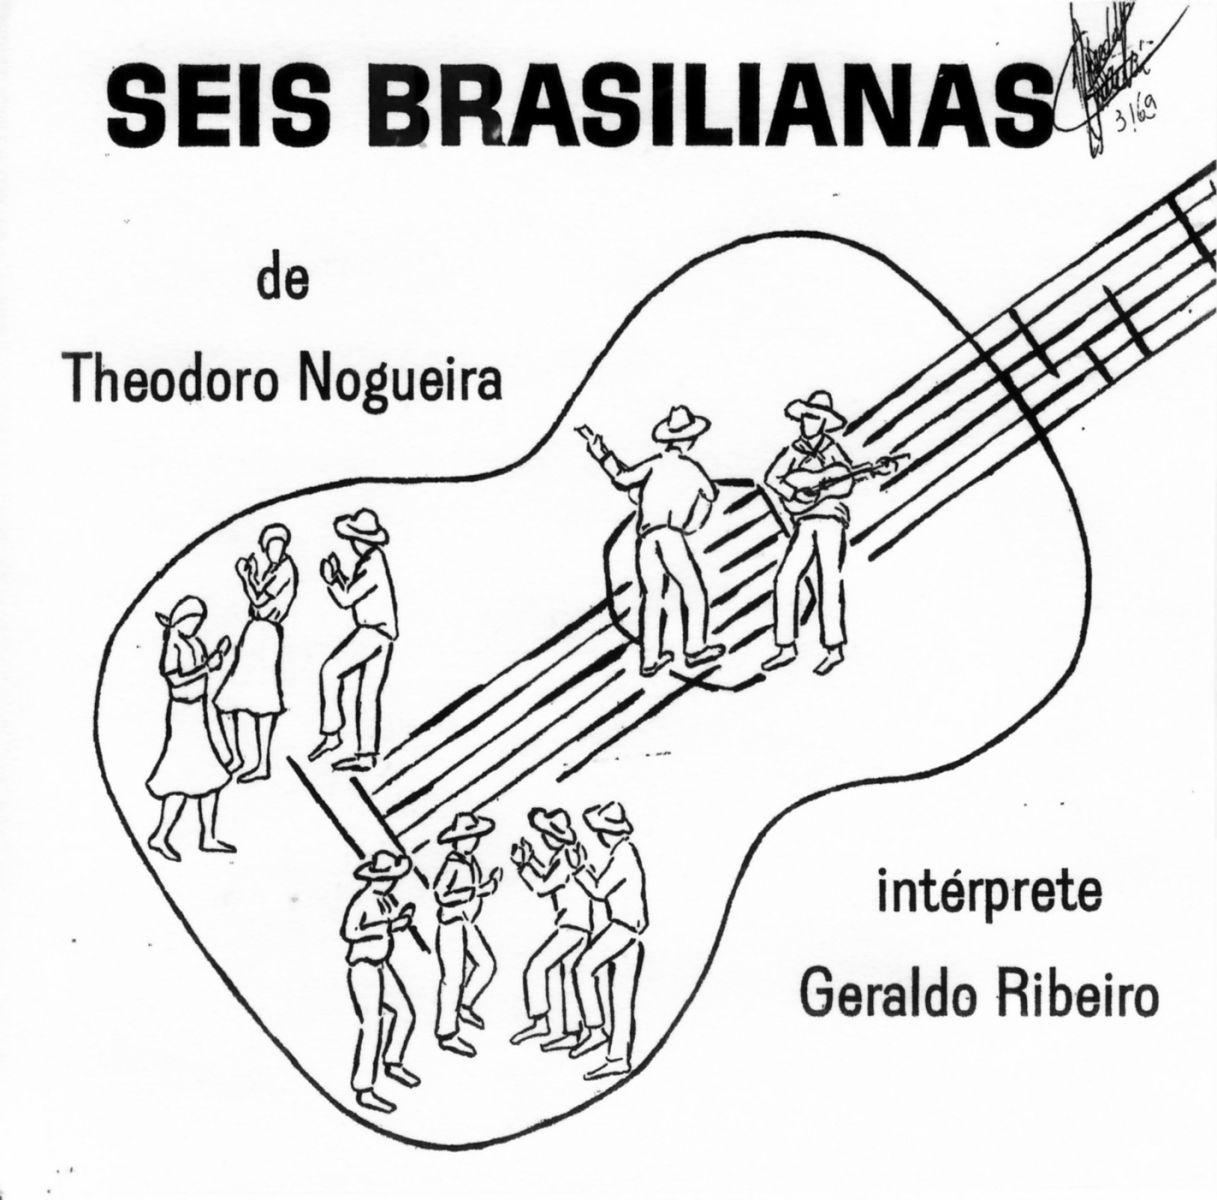 Violão e Mestres: história e sonho de uma revista - capa LP Geraldo Ribeiro Seis Brasilianas de Theodoro Nogueira